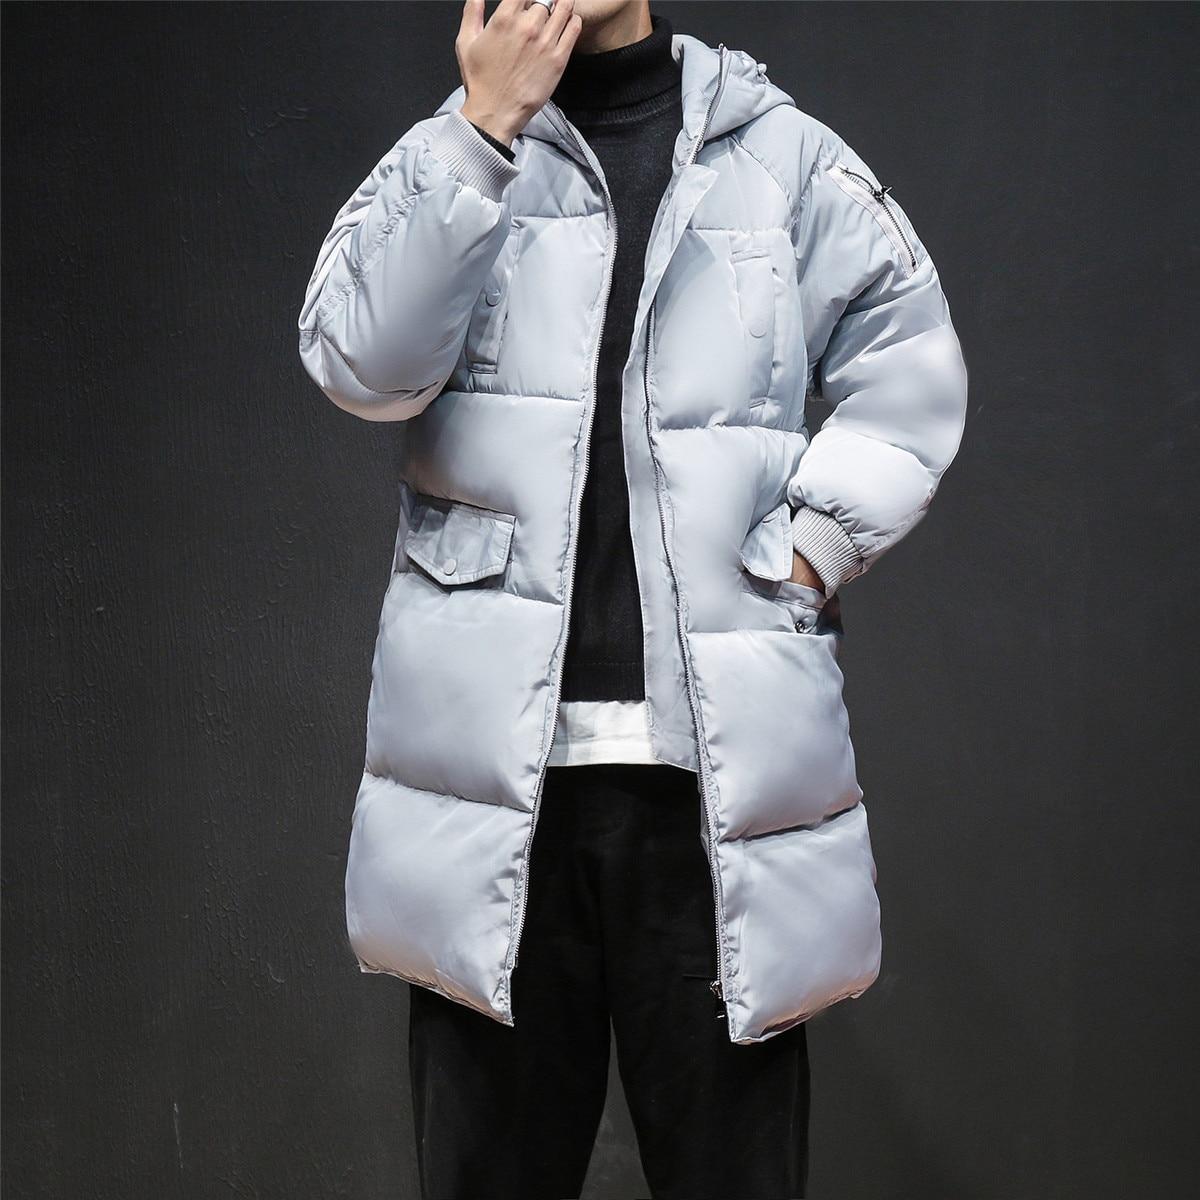 5xl Noir Nouvelle Populaire Noir Argent Personnalité Mode M Casual Grande Hiver Longue Jeunes argent Hommes Taille Lâche De Veste Sauvage X1U0XFn